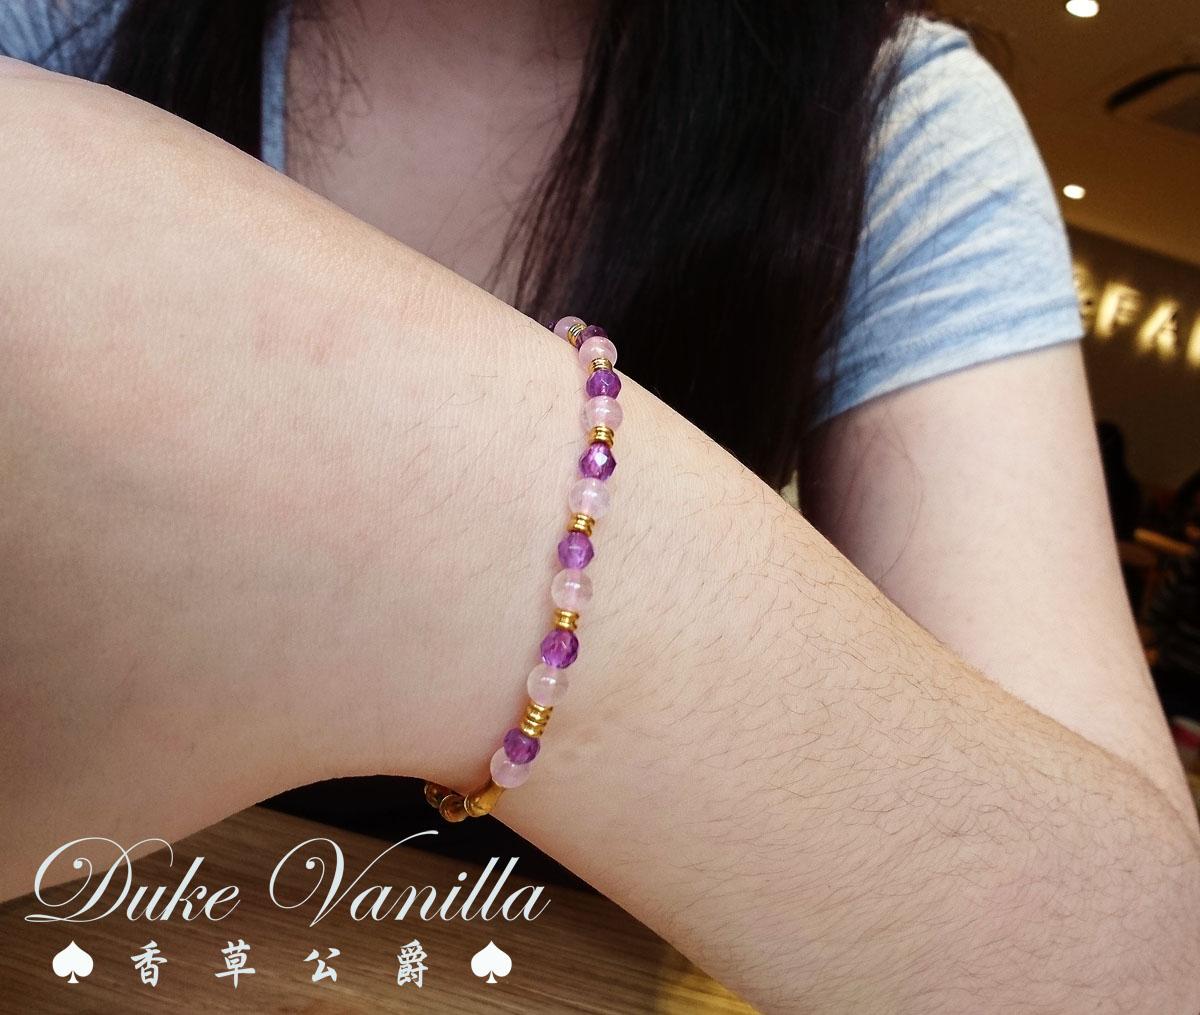 靜默的守候*天然冰透粉水晶*紫水晶竹節黃銅手環 - Duke Vanilla 香草公爵